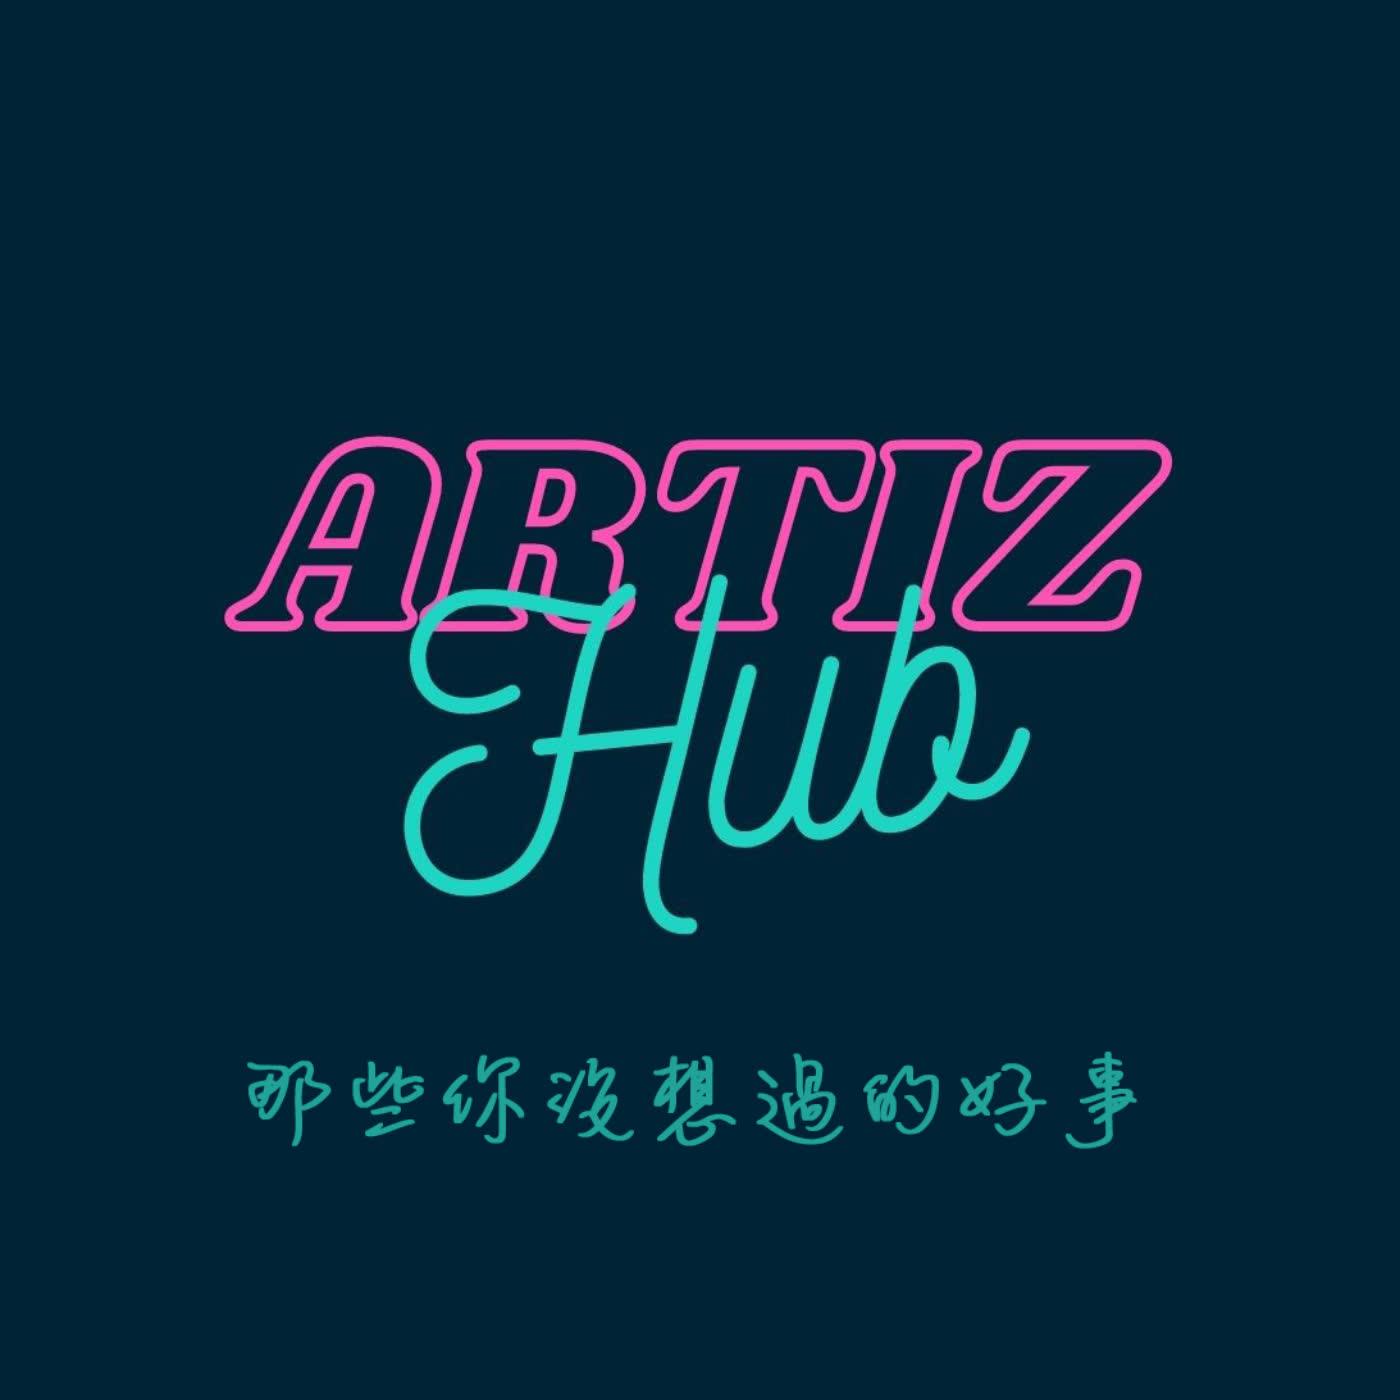 Artiz Hub 那些你沒想過的好事